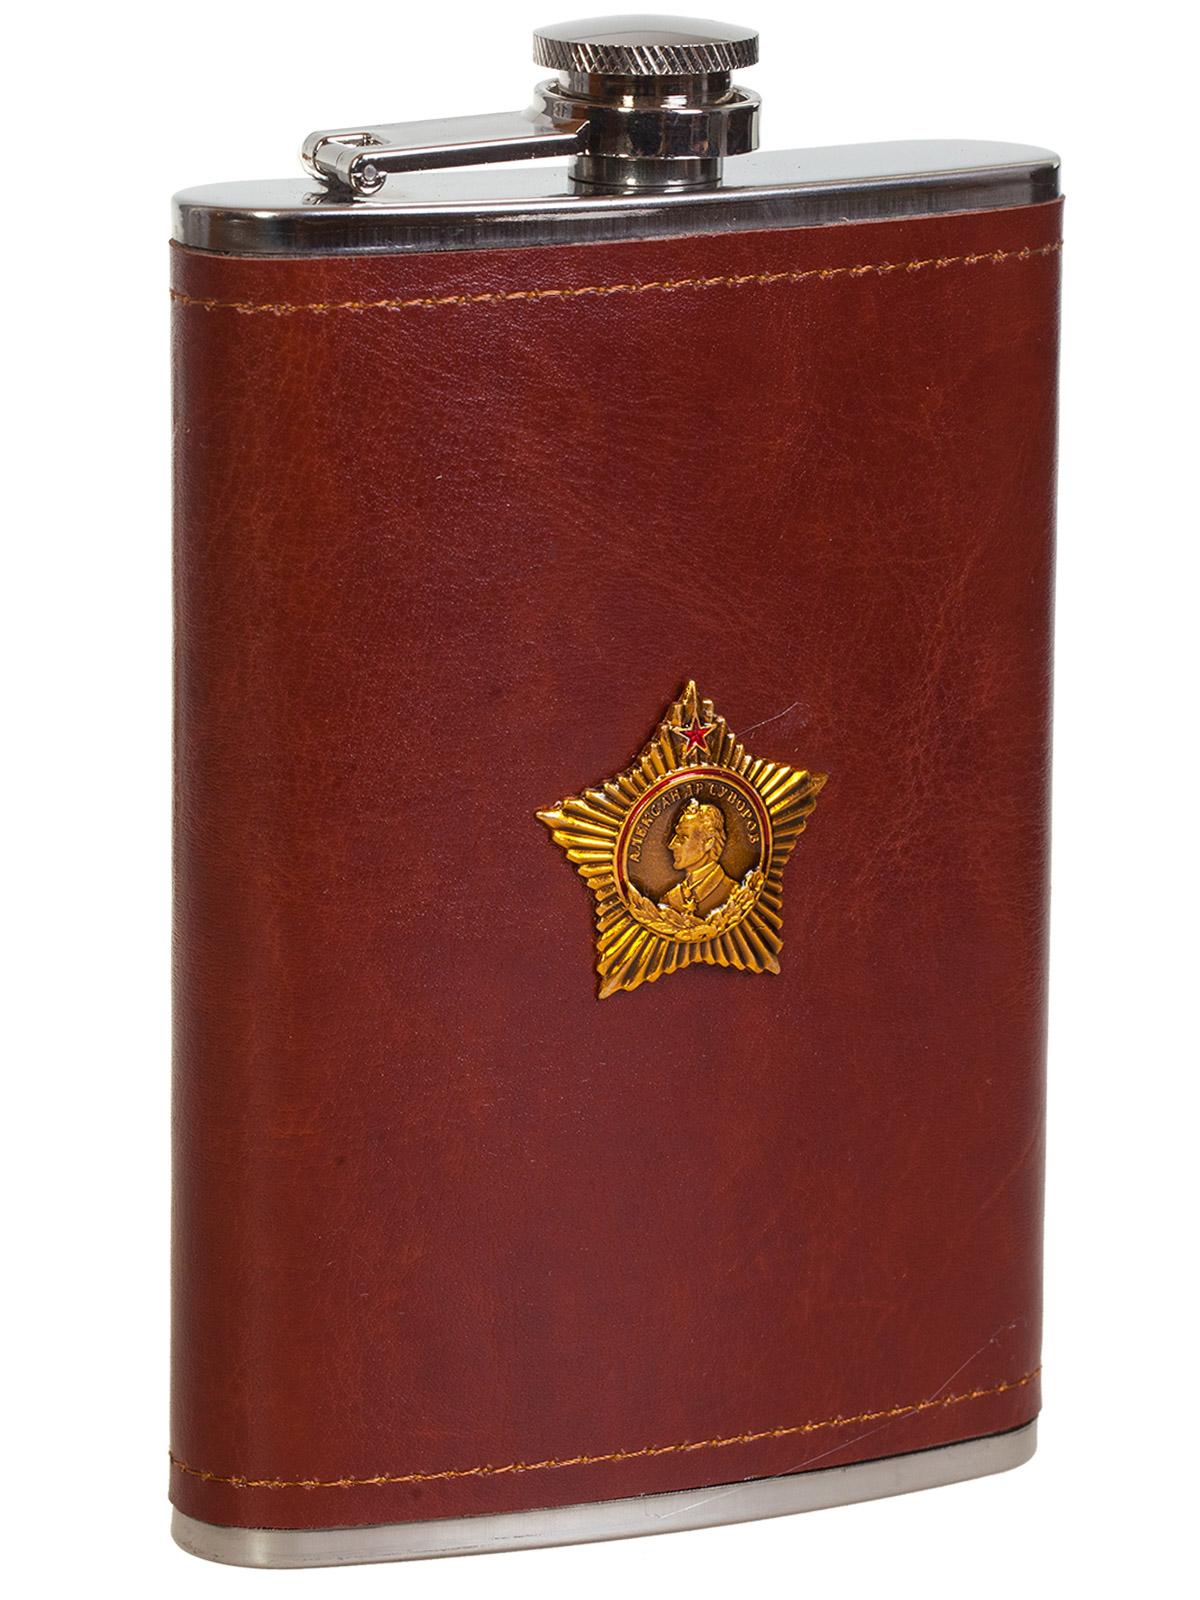 Купить плоскую нержавеющую фляжку в чехле с Орденом Суворова по лучшей цене